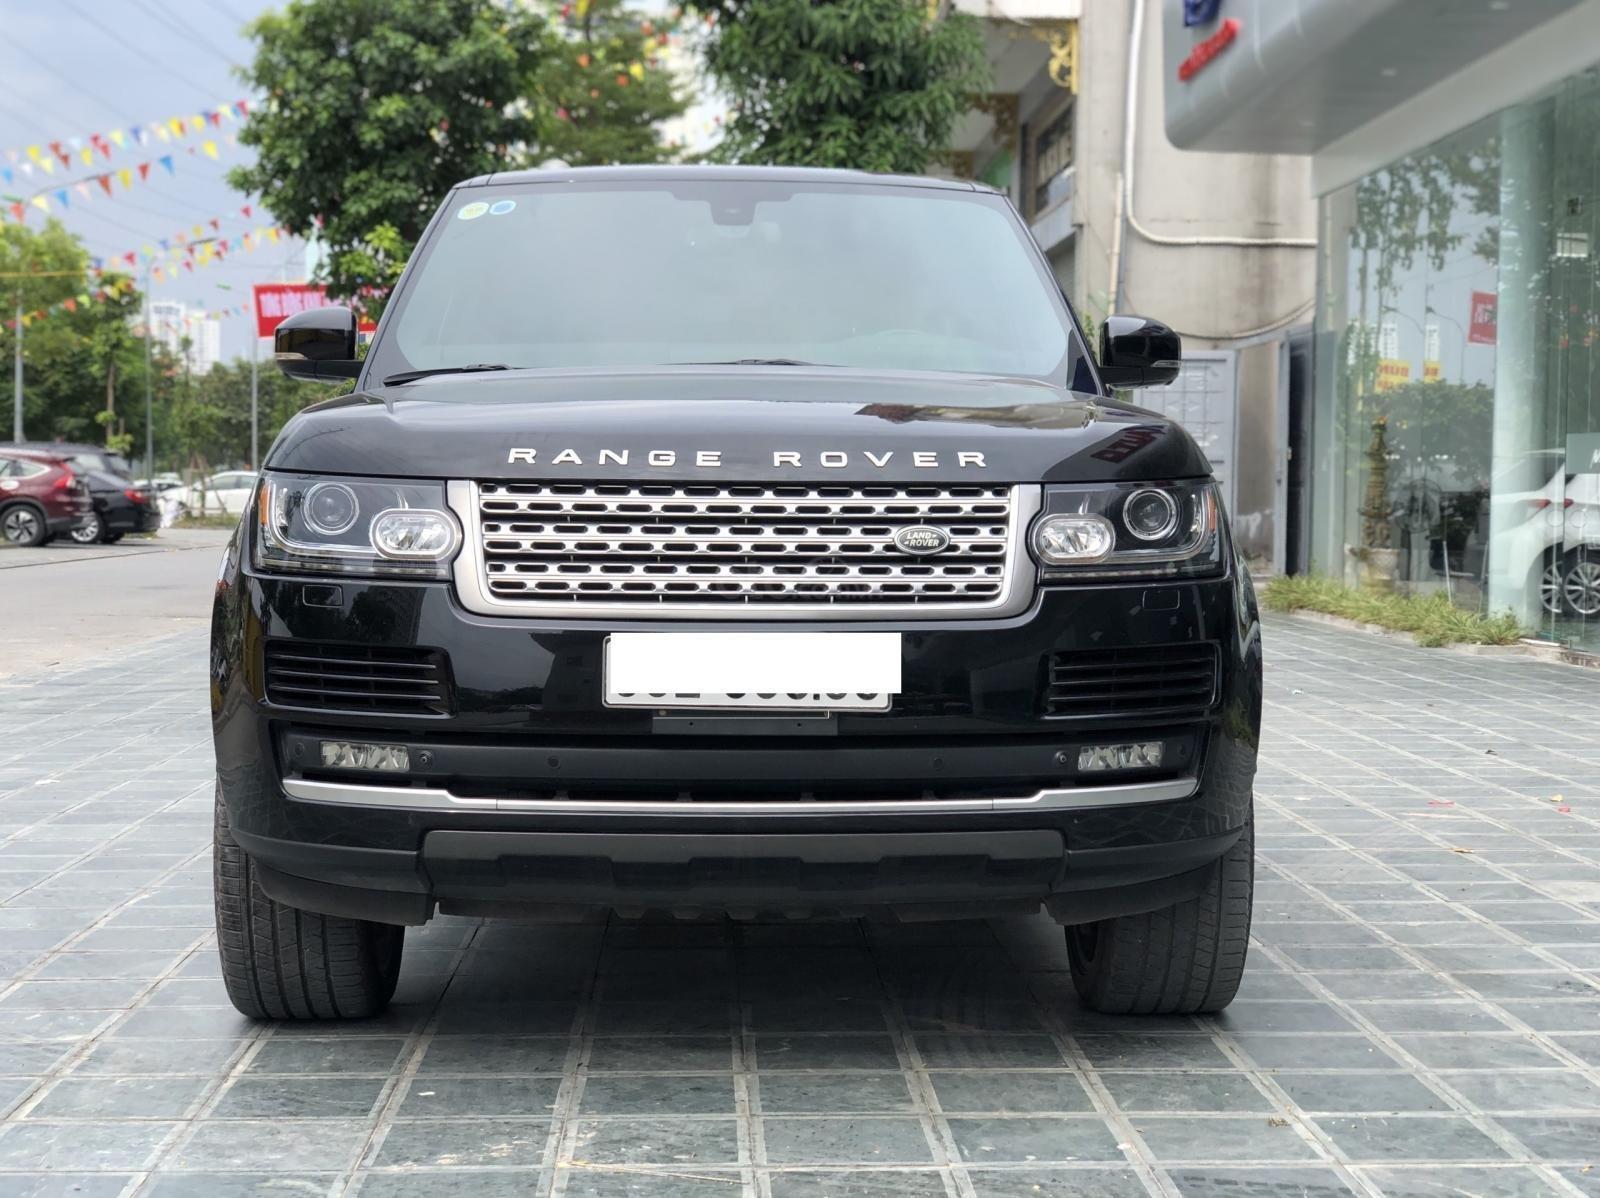 Bán Range Rover HSE 2015 cũ Hà Nội, siêu đẹp, LH Ms Ngọc Vy 093.996.2368 (1)